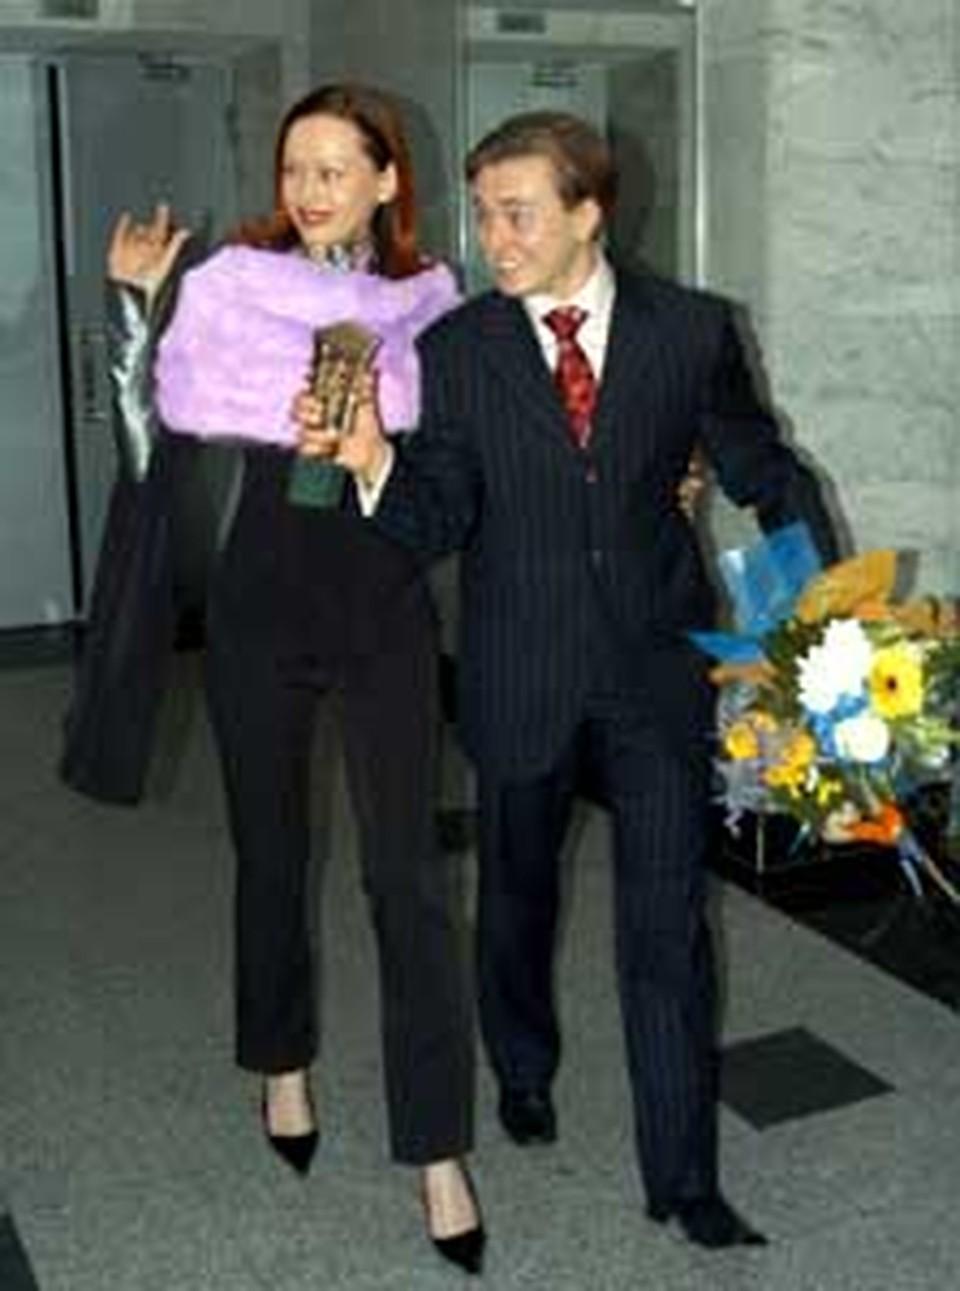 Жена Ирина первой поздравила Сергея Безрукова.